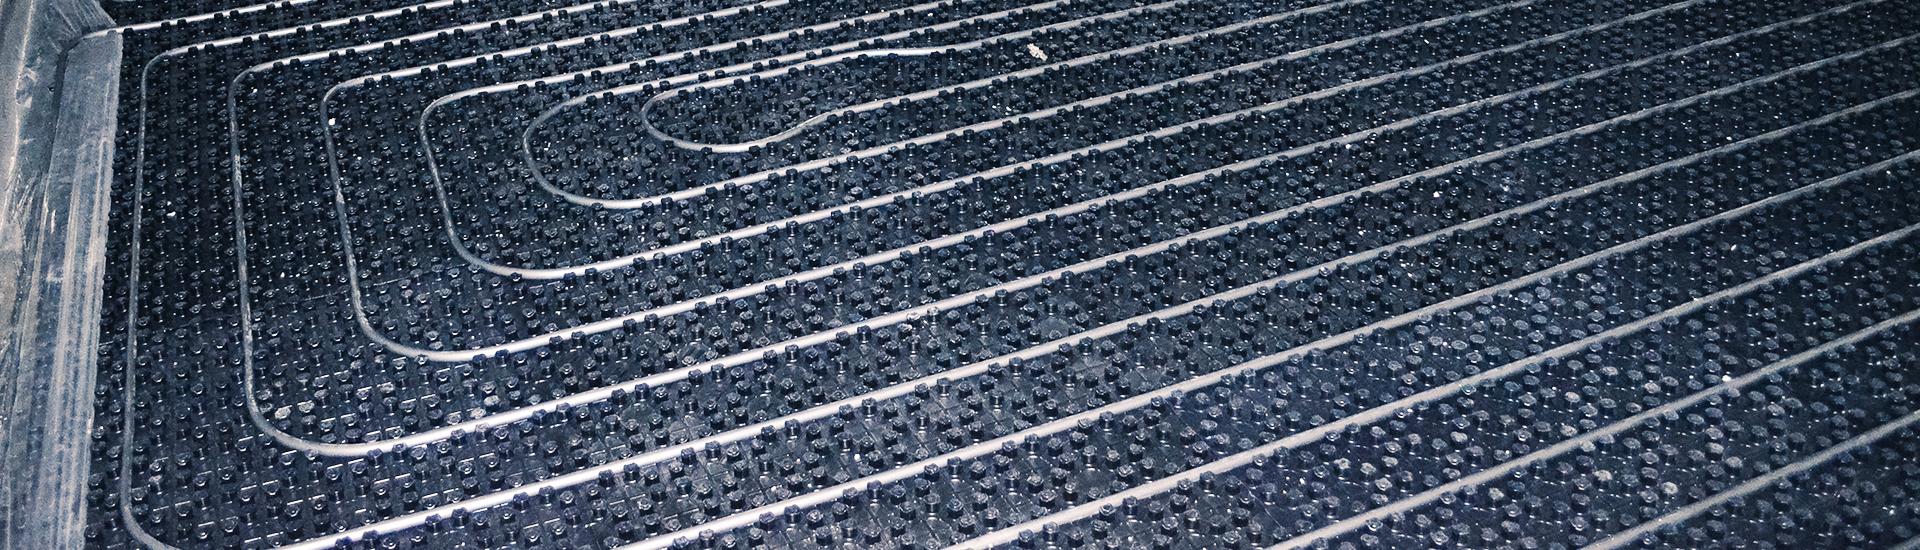 Impianti radianti riscaldamento a pavimento - Coloccini e Gambadori Jesi (An)